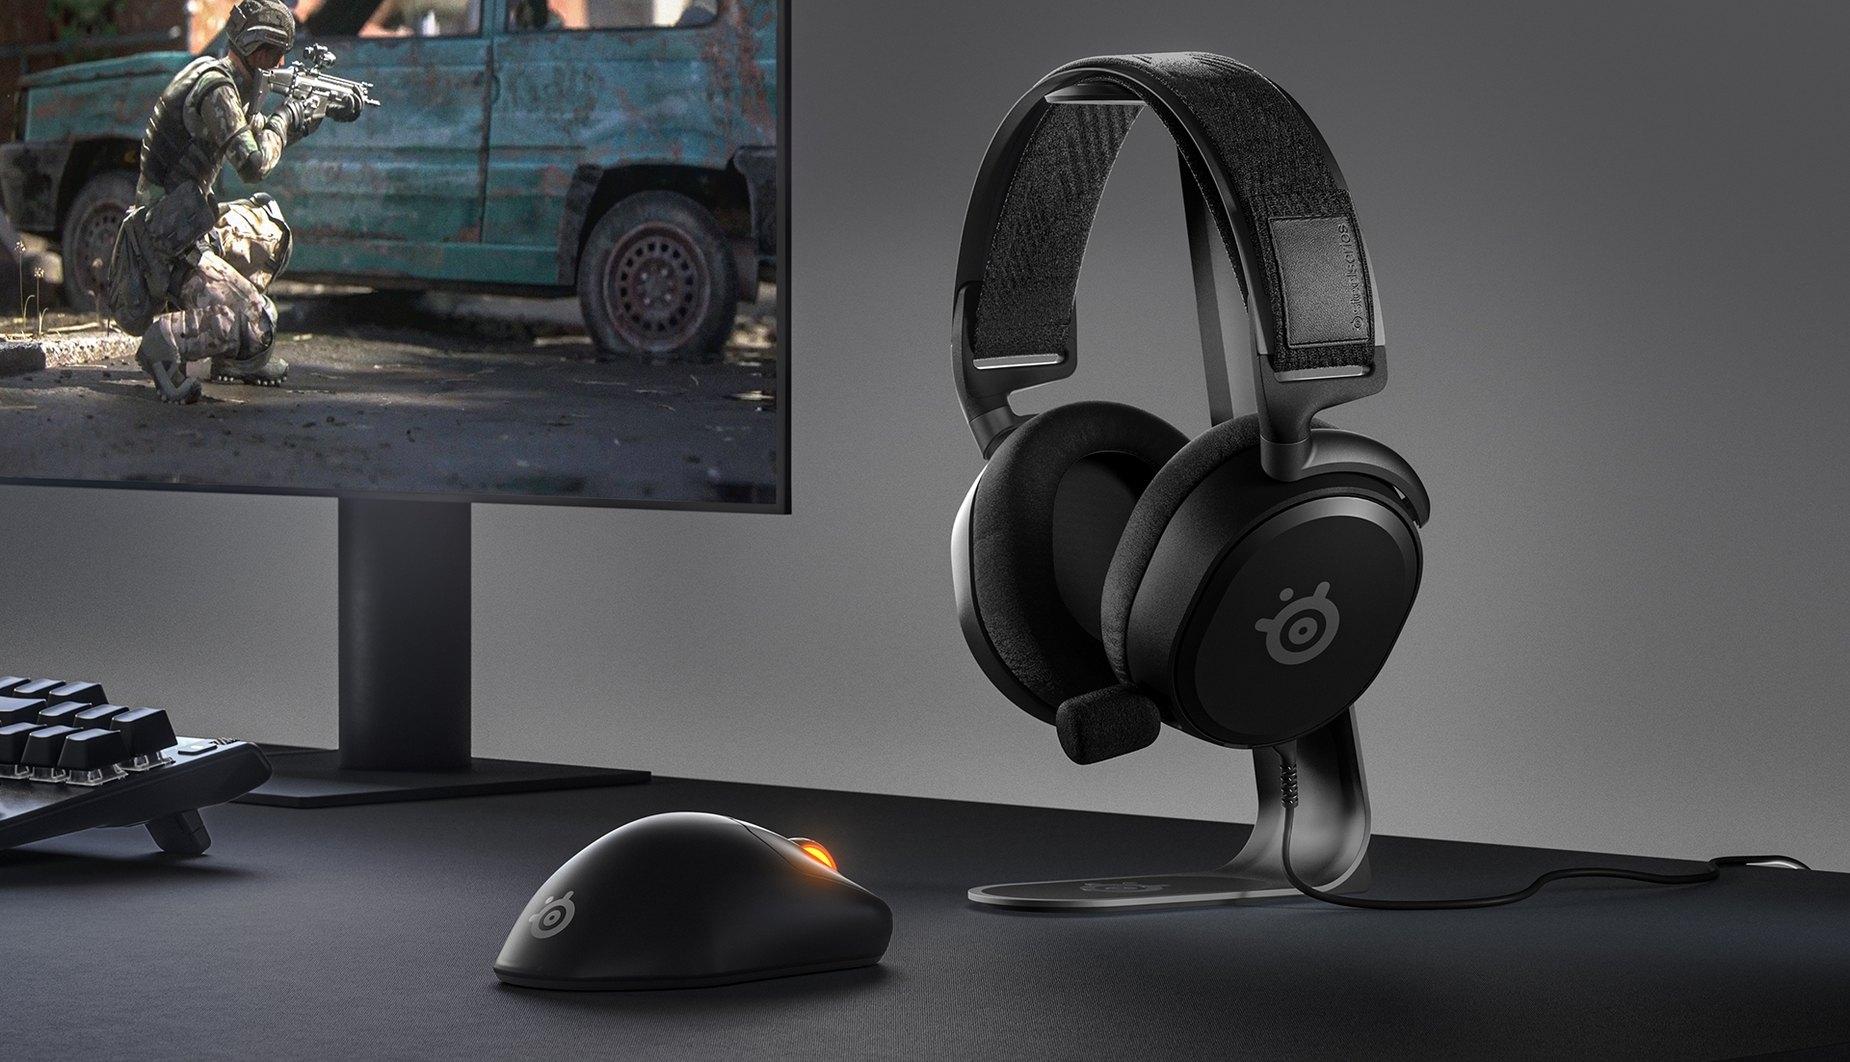 桌上型電腦配備,搭配螢幕、鍵盤、滑鼠與放置在台面上的 Arctis Prime 耳機。